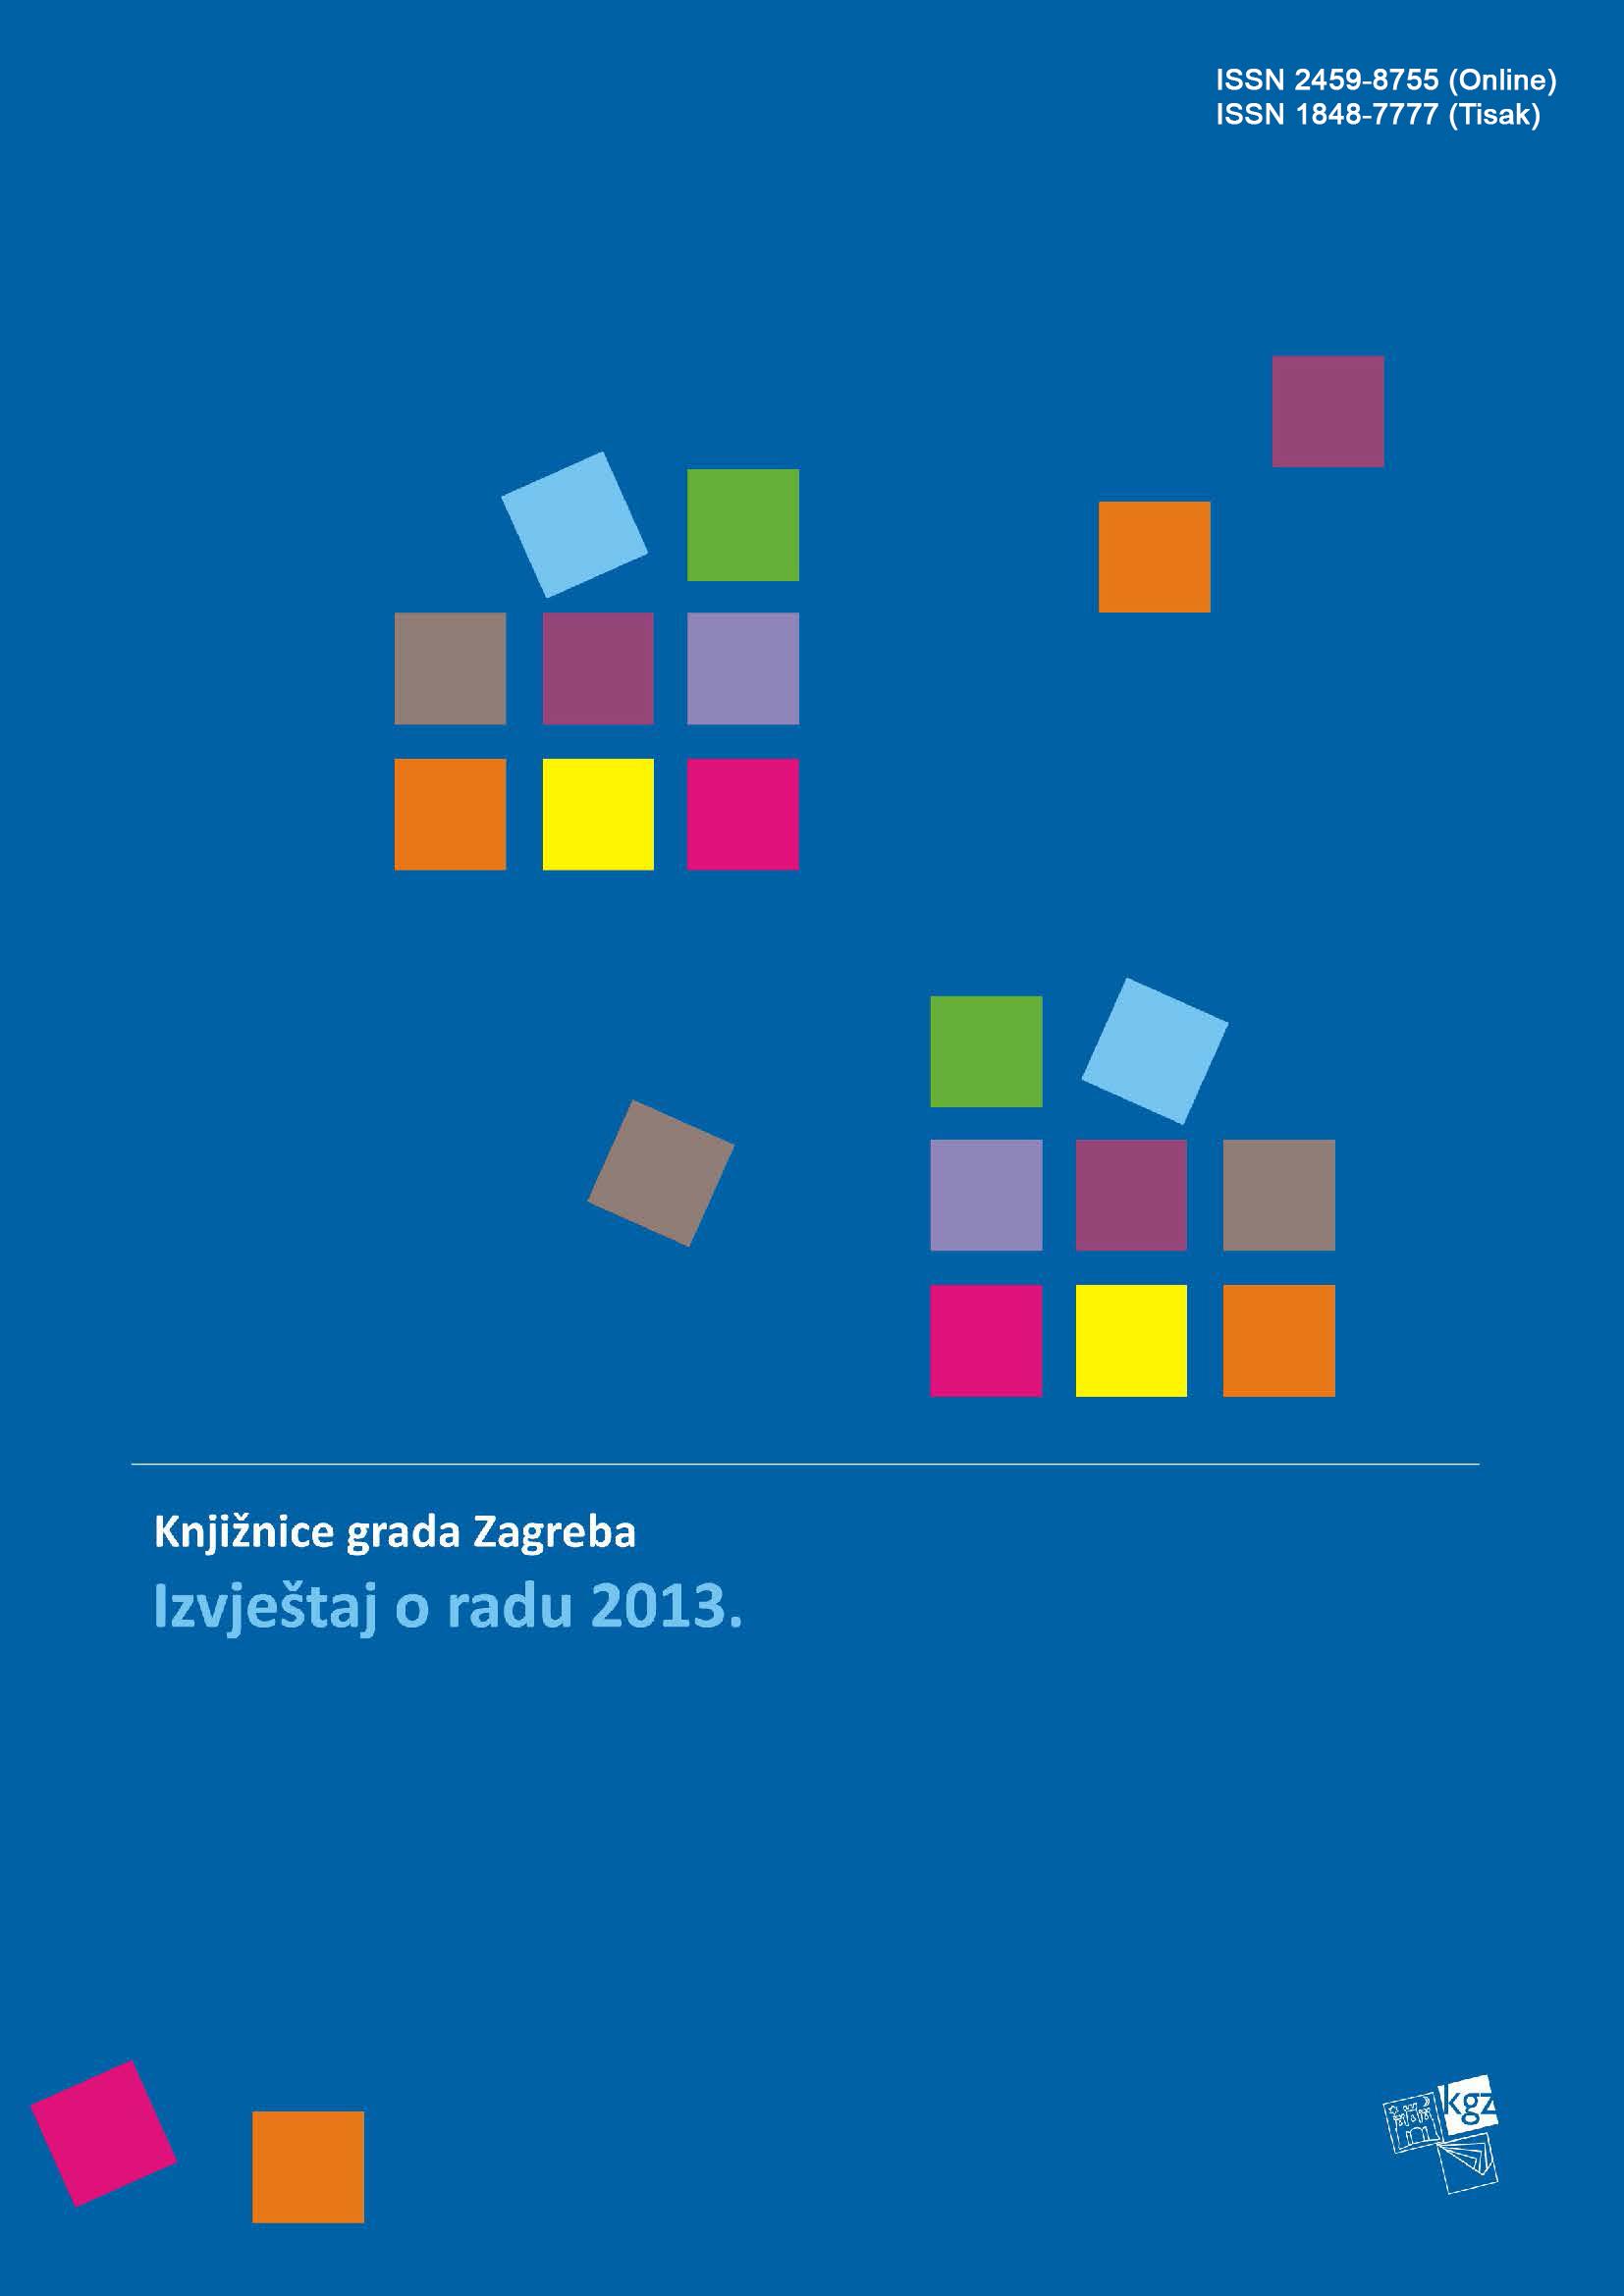 Izvještaj o radu 2013.